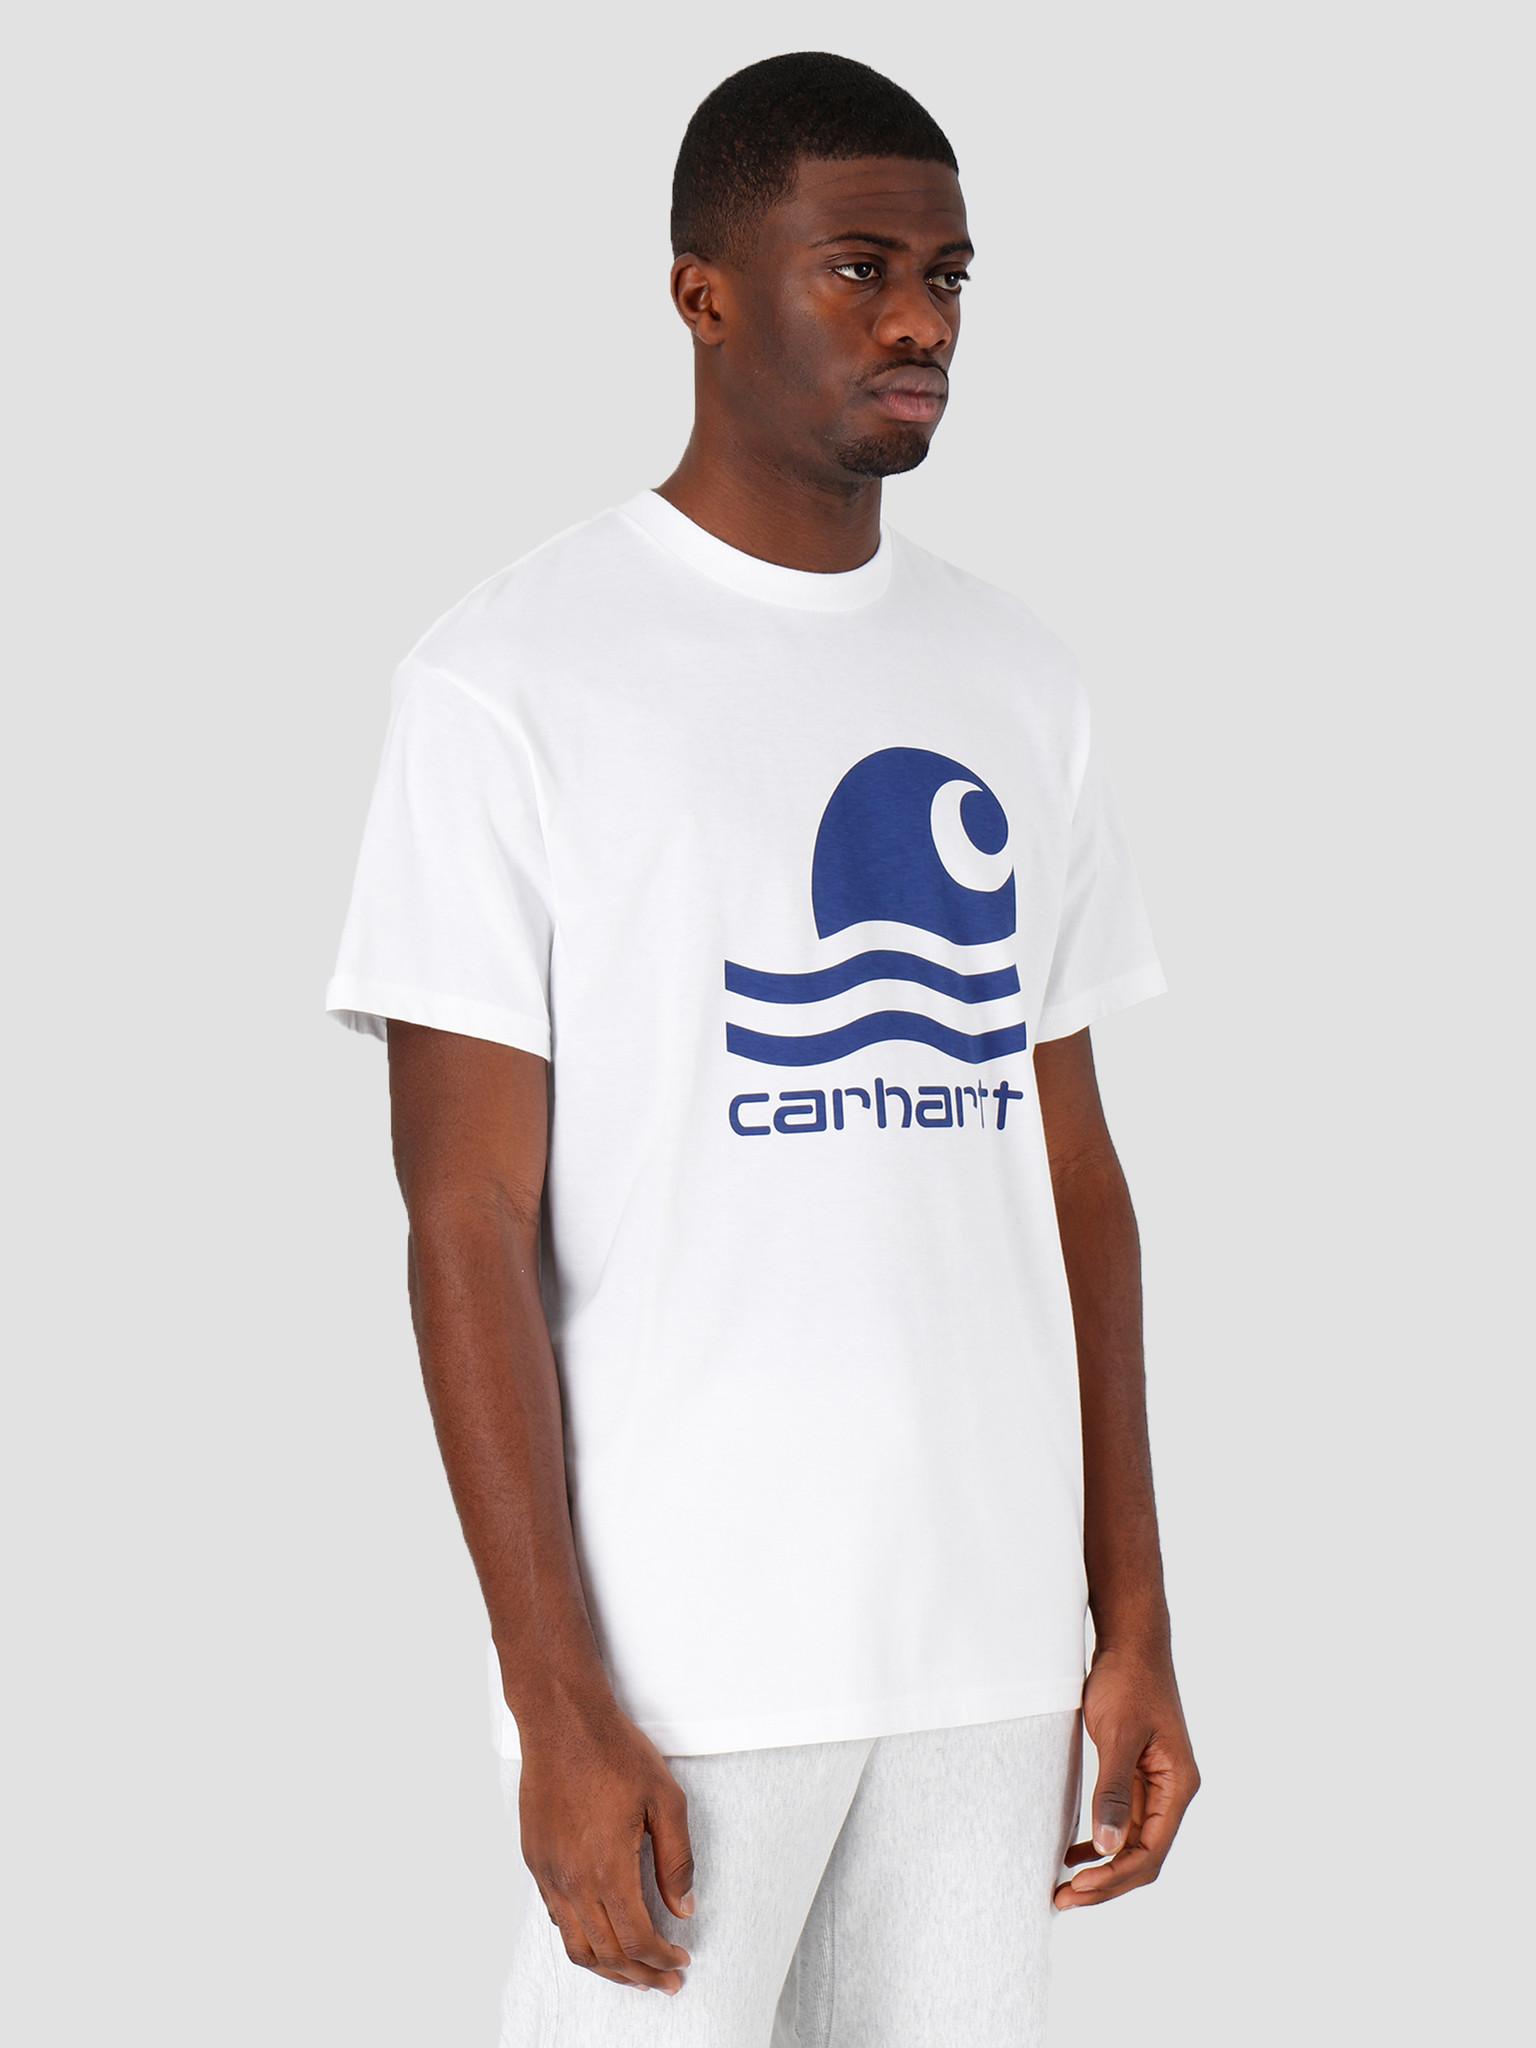 Carhartt WIP Carhartt WIP Swim T-Shirt White Submarine I027750-290